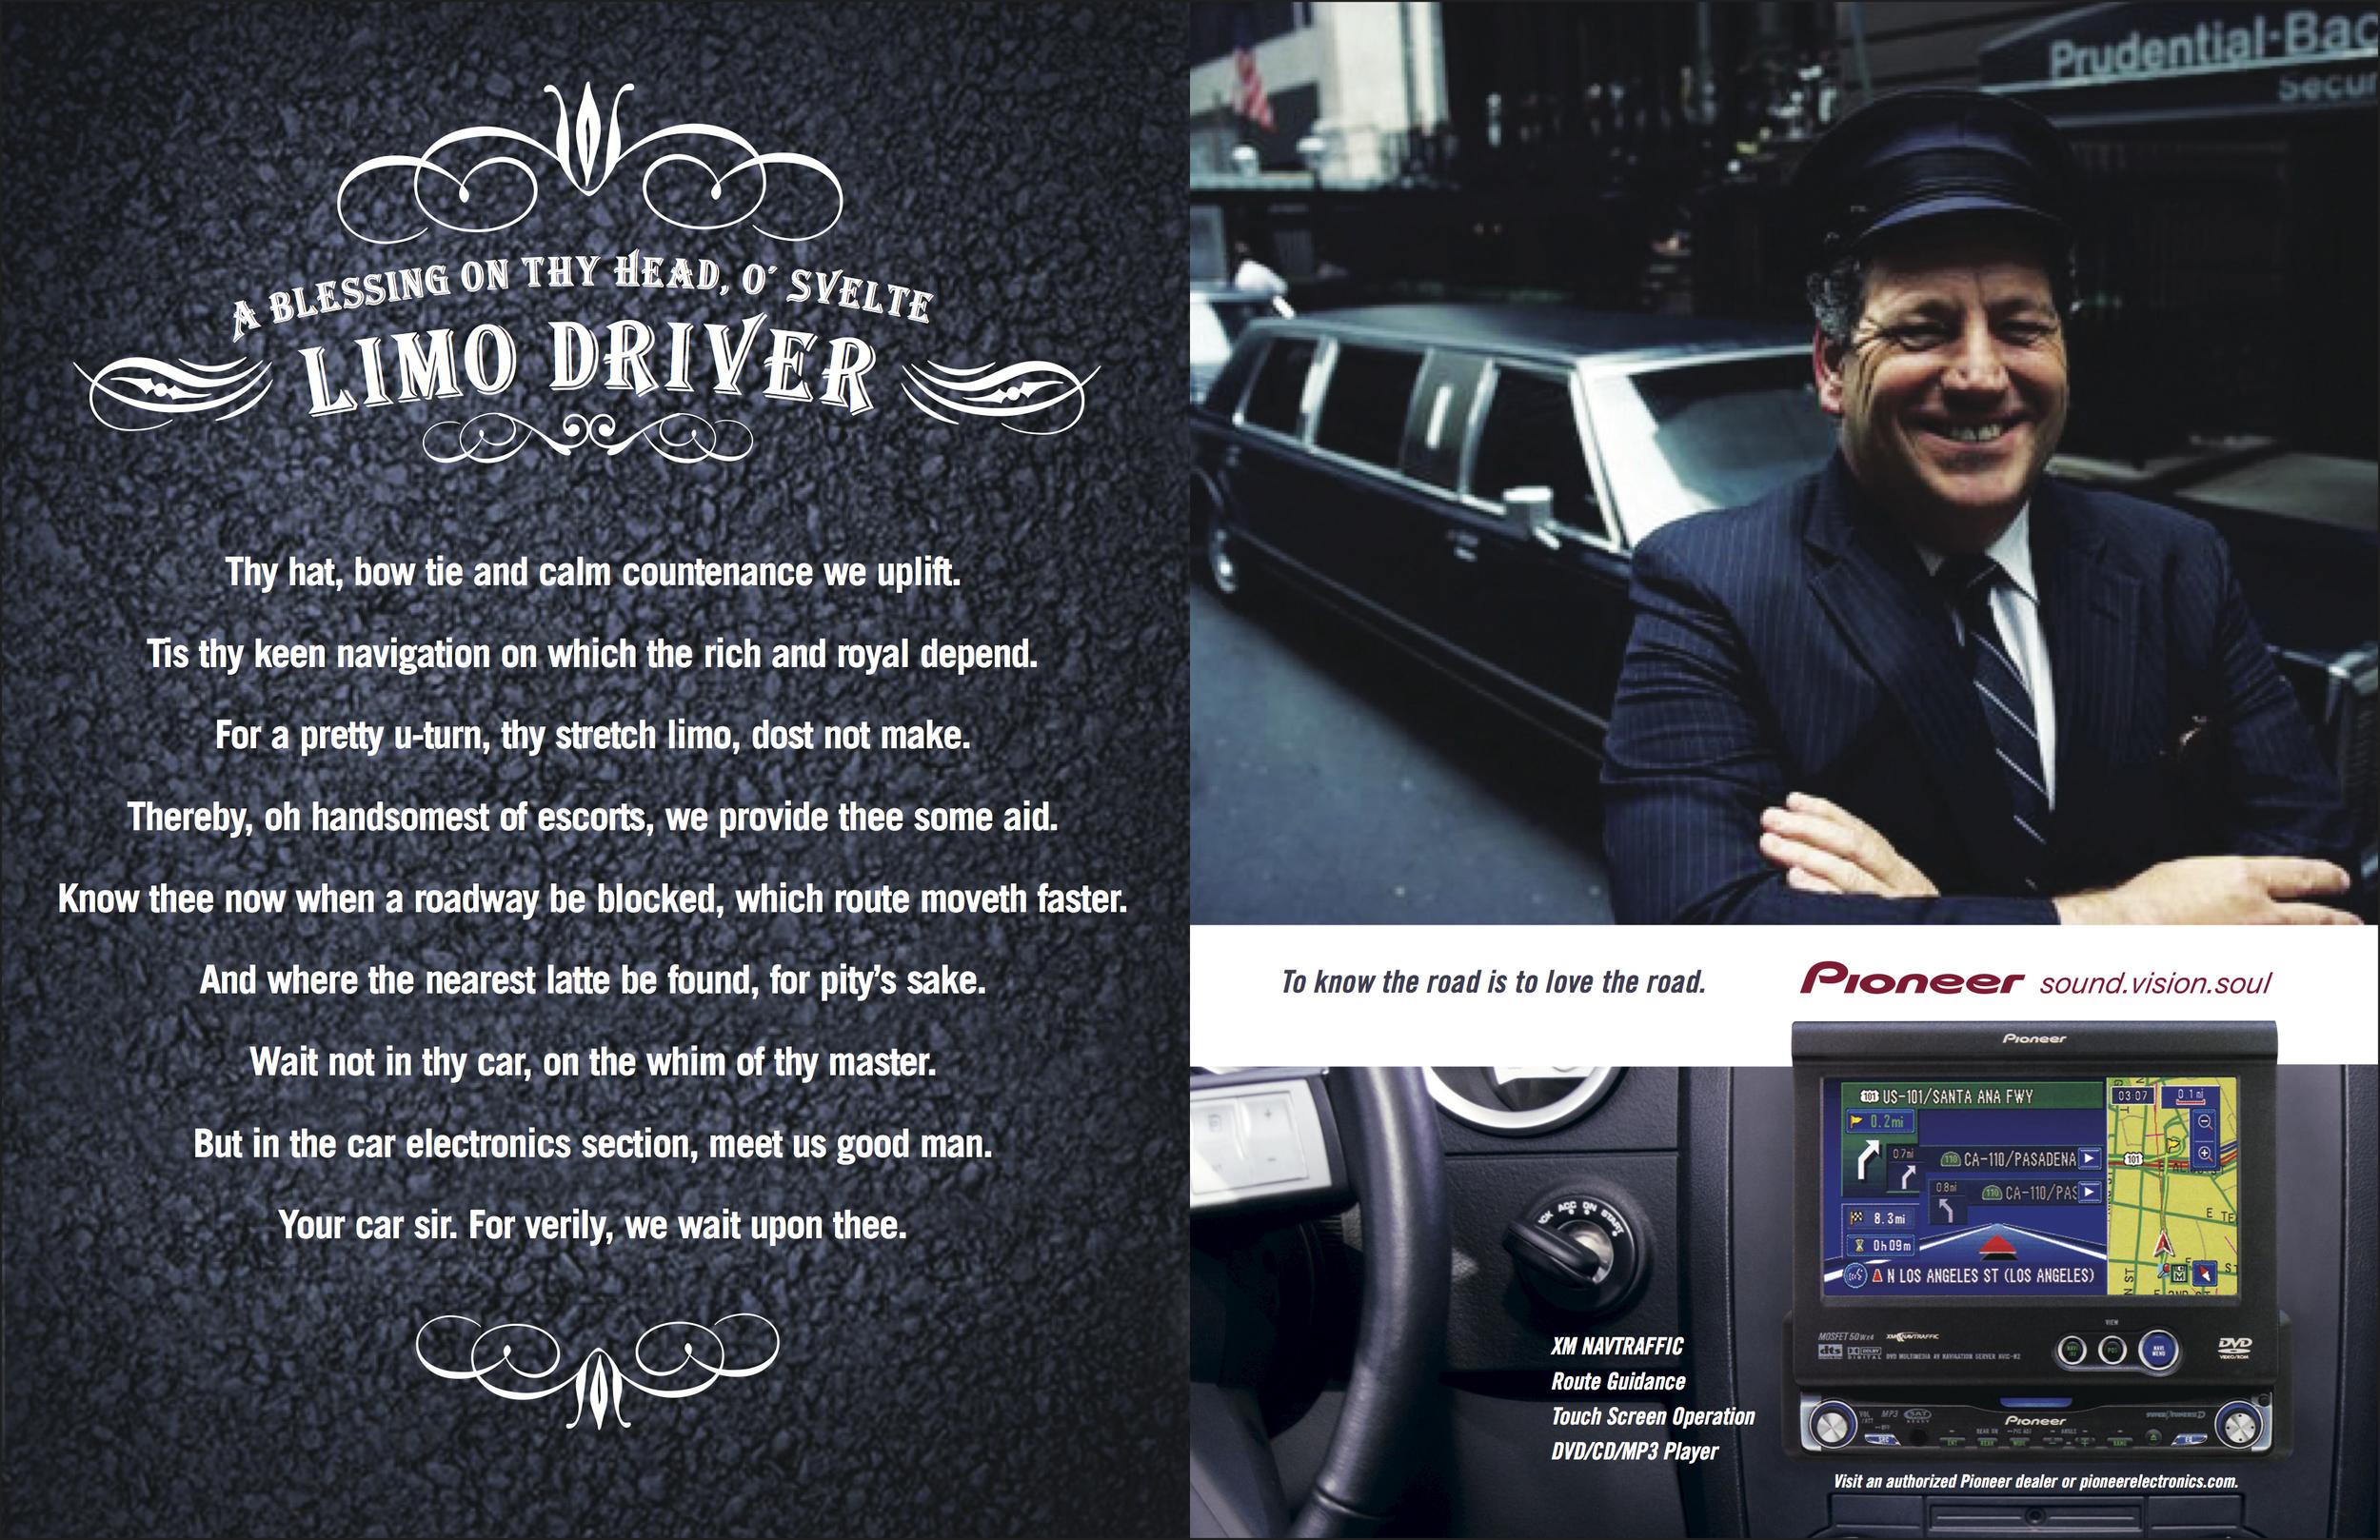 limo driver.jpg